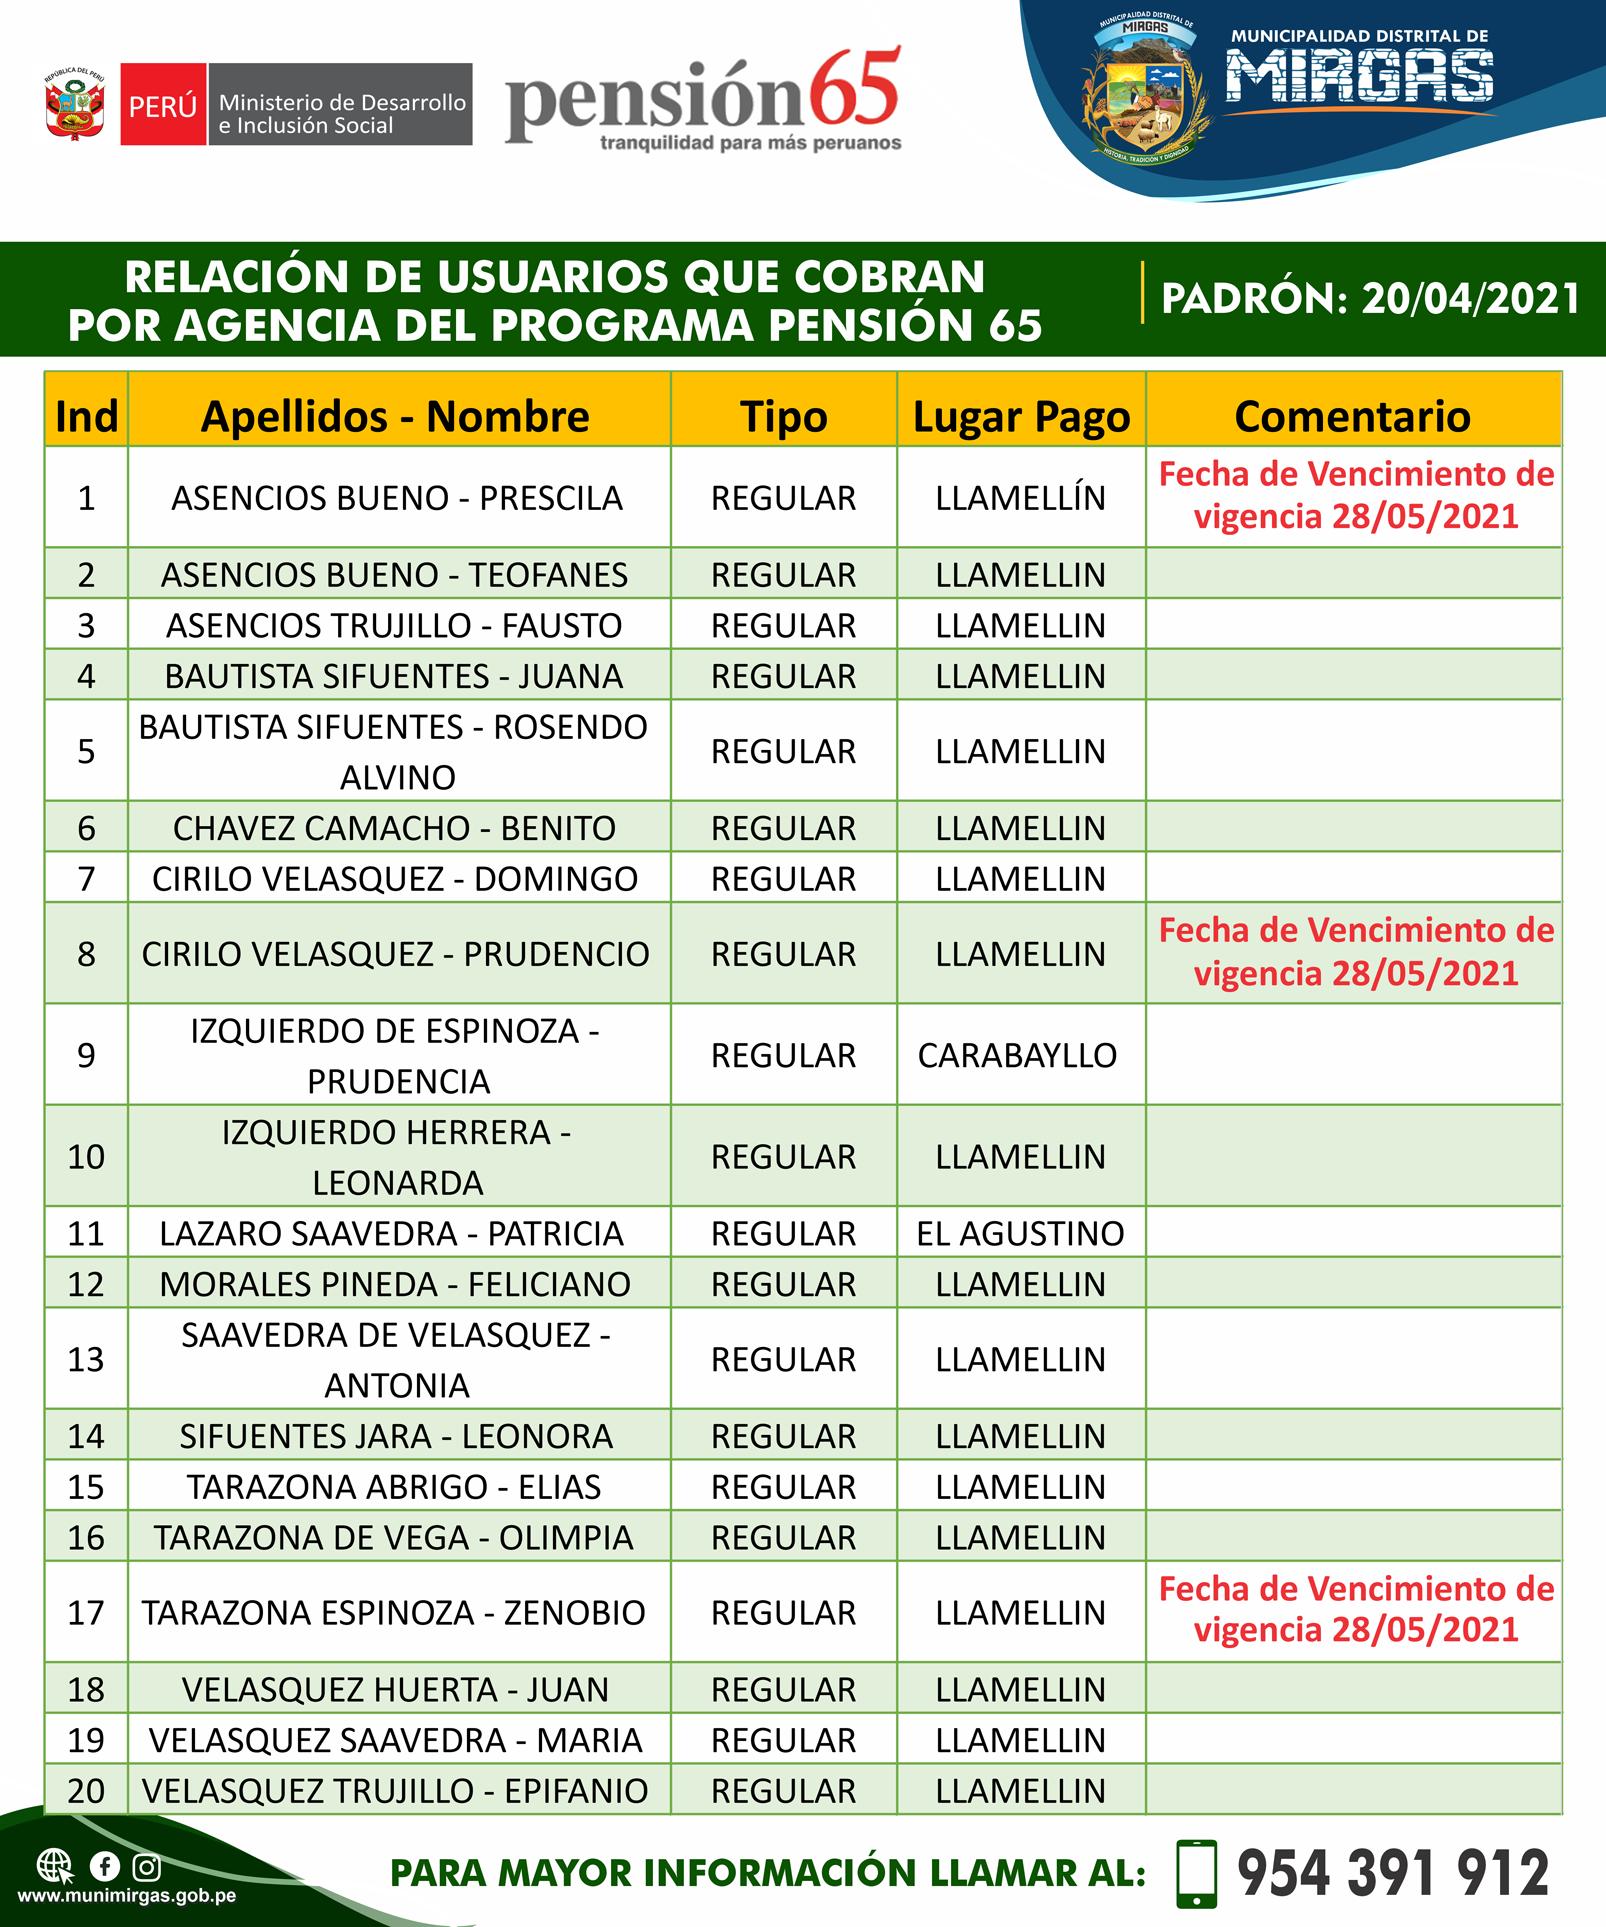 �RELACIÓN DE USUARIOS QUE COBRAN POR AGENCIA DEL PROGRAMA PENSION 65 (BANCO DE LA NACIÓN)/PADRON: 20/04/2021